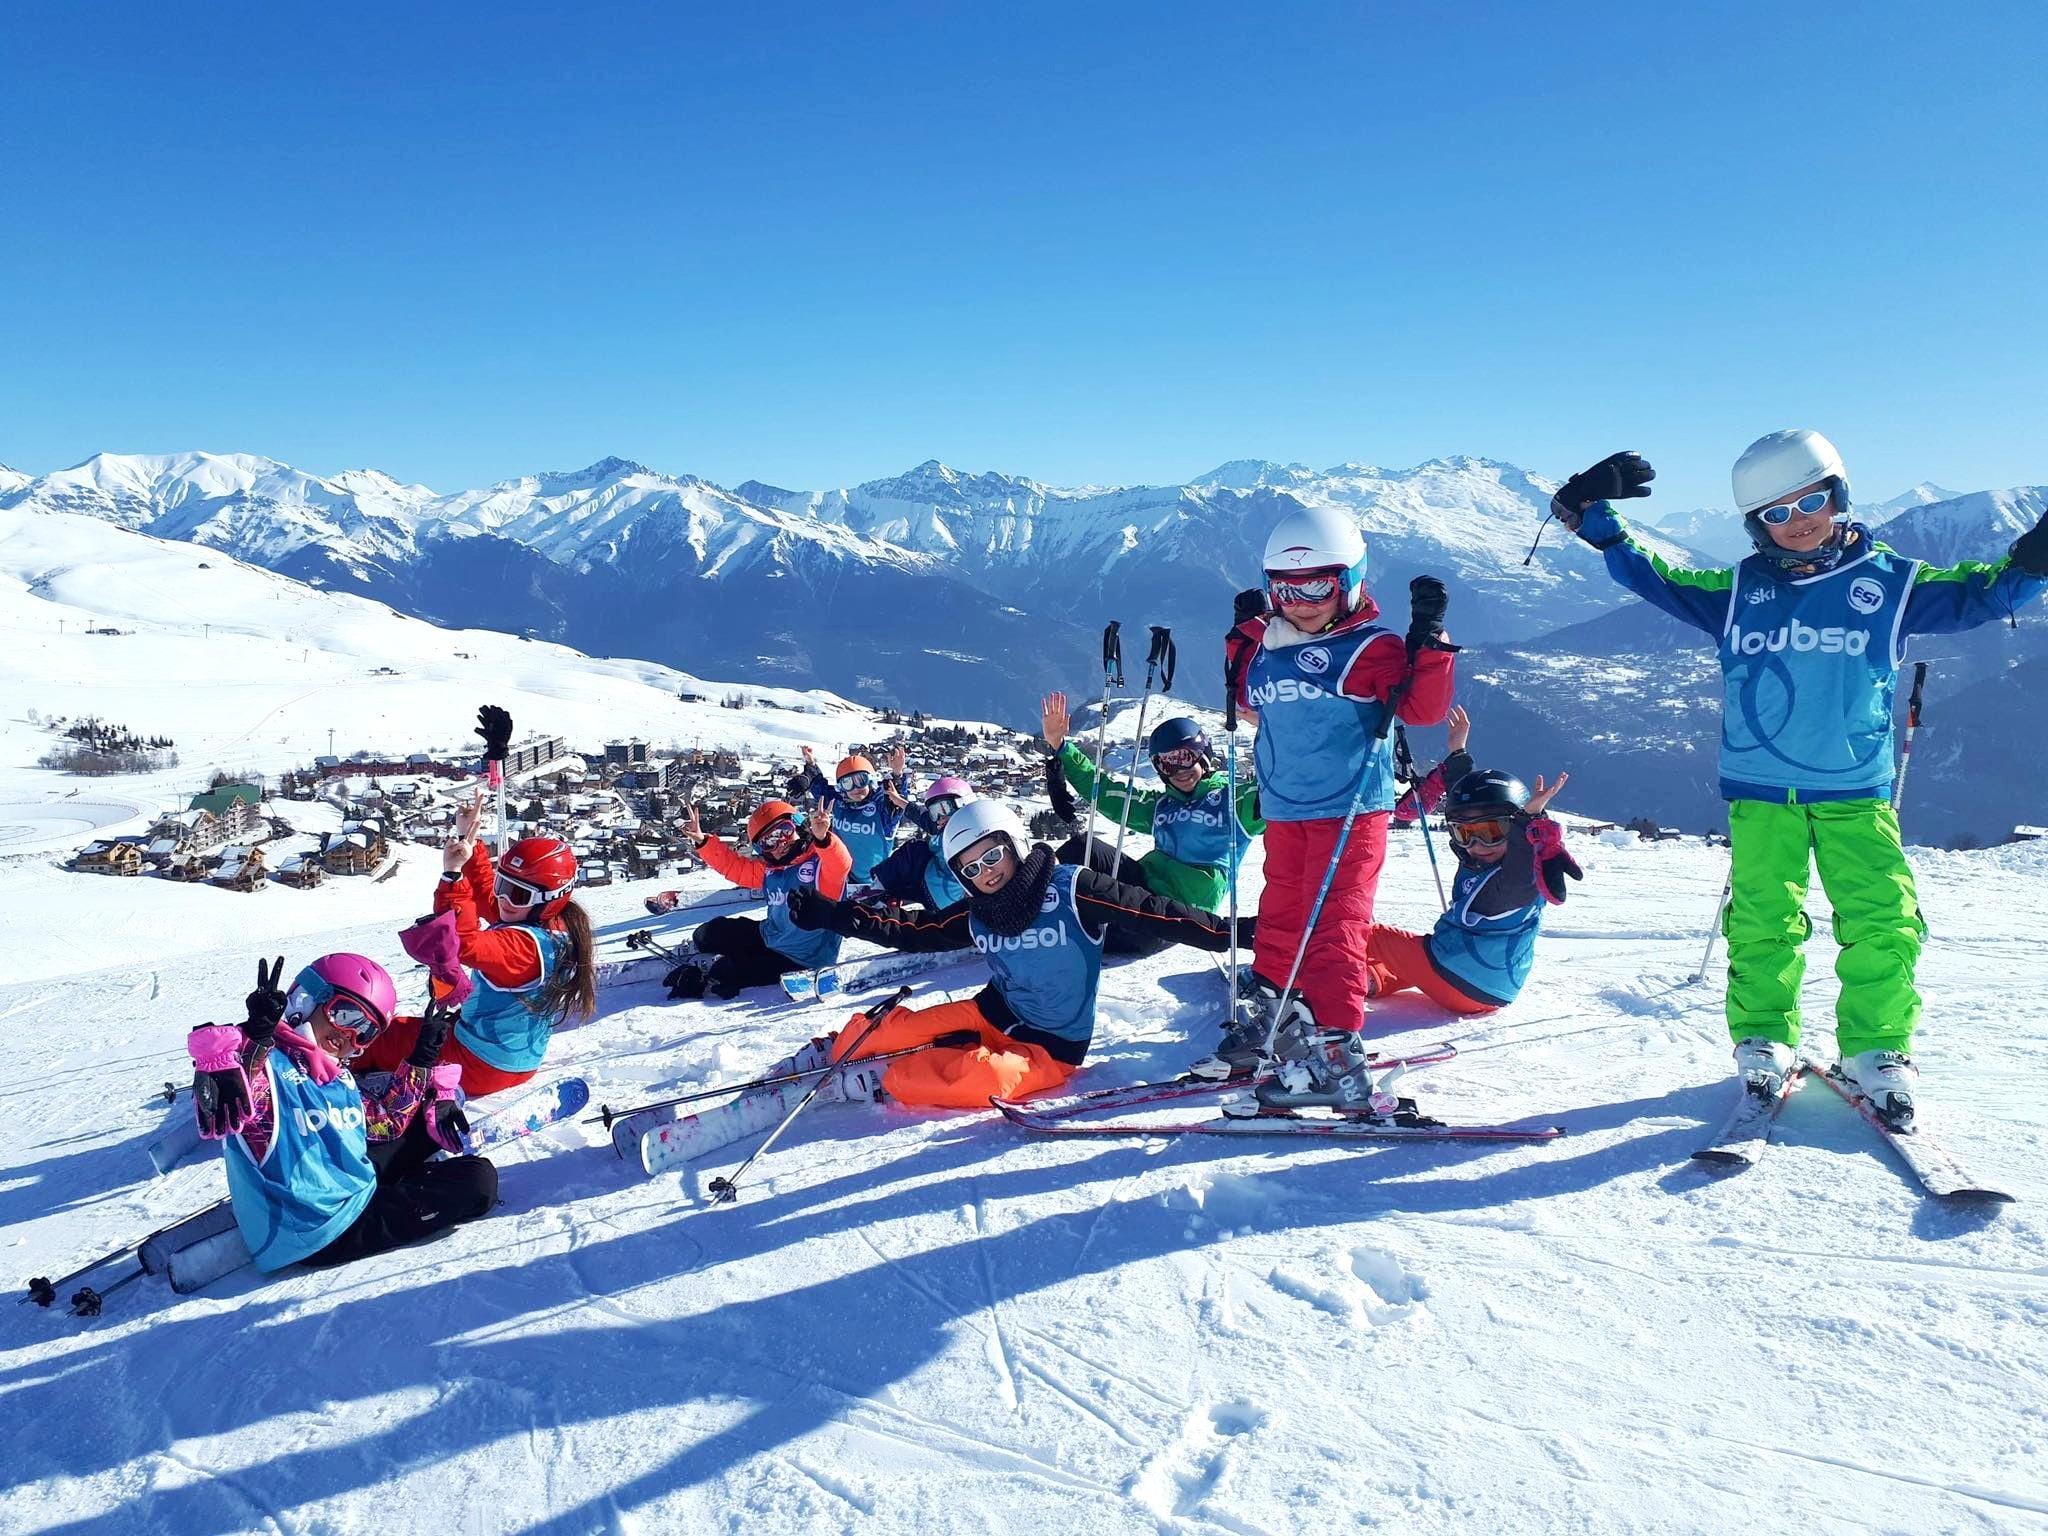 Cours de ski Enfants (6-17 years) - Basse saison